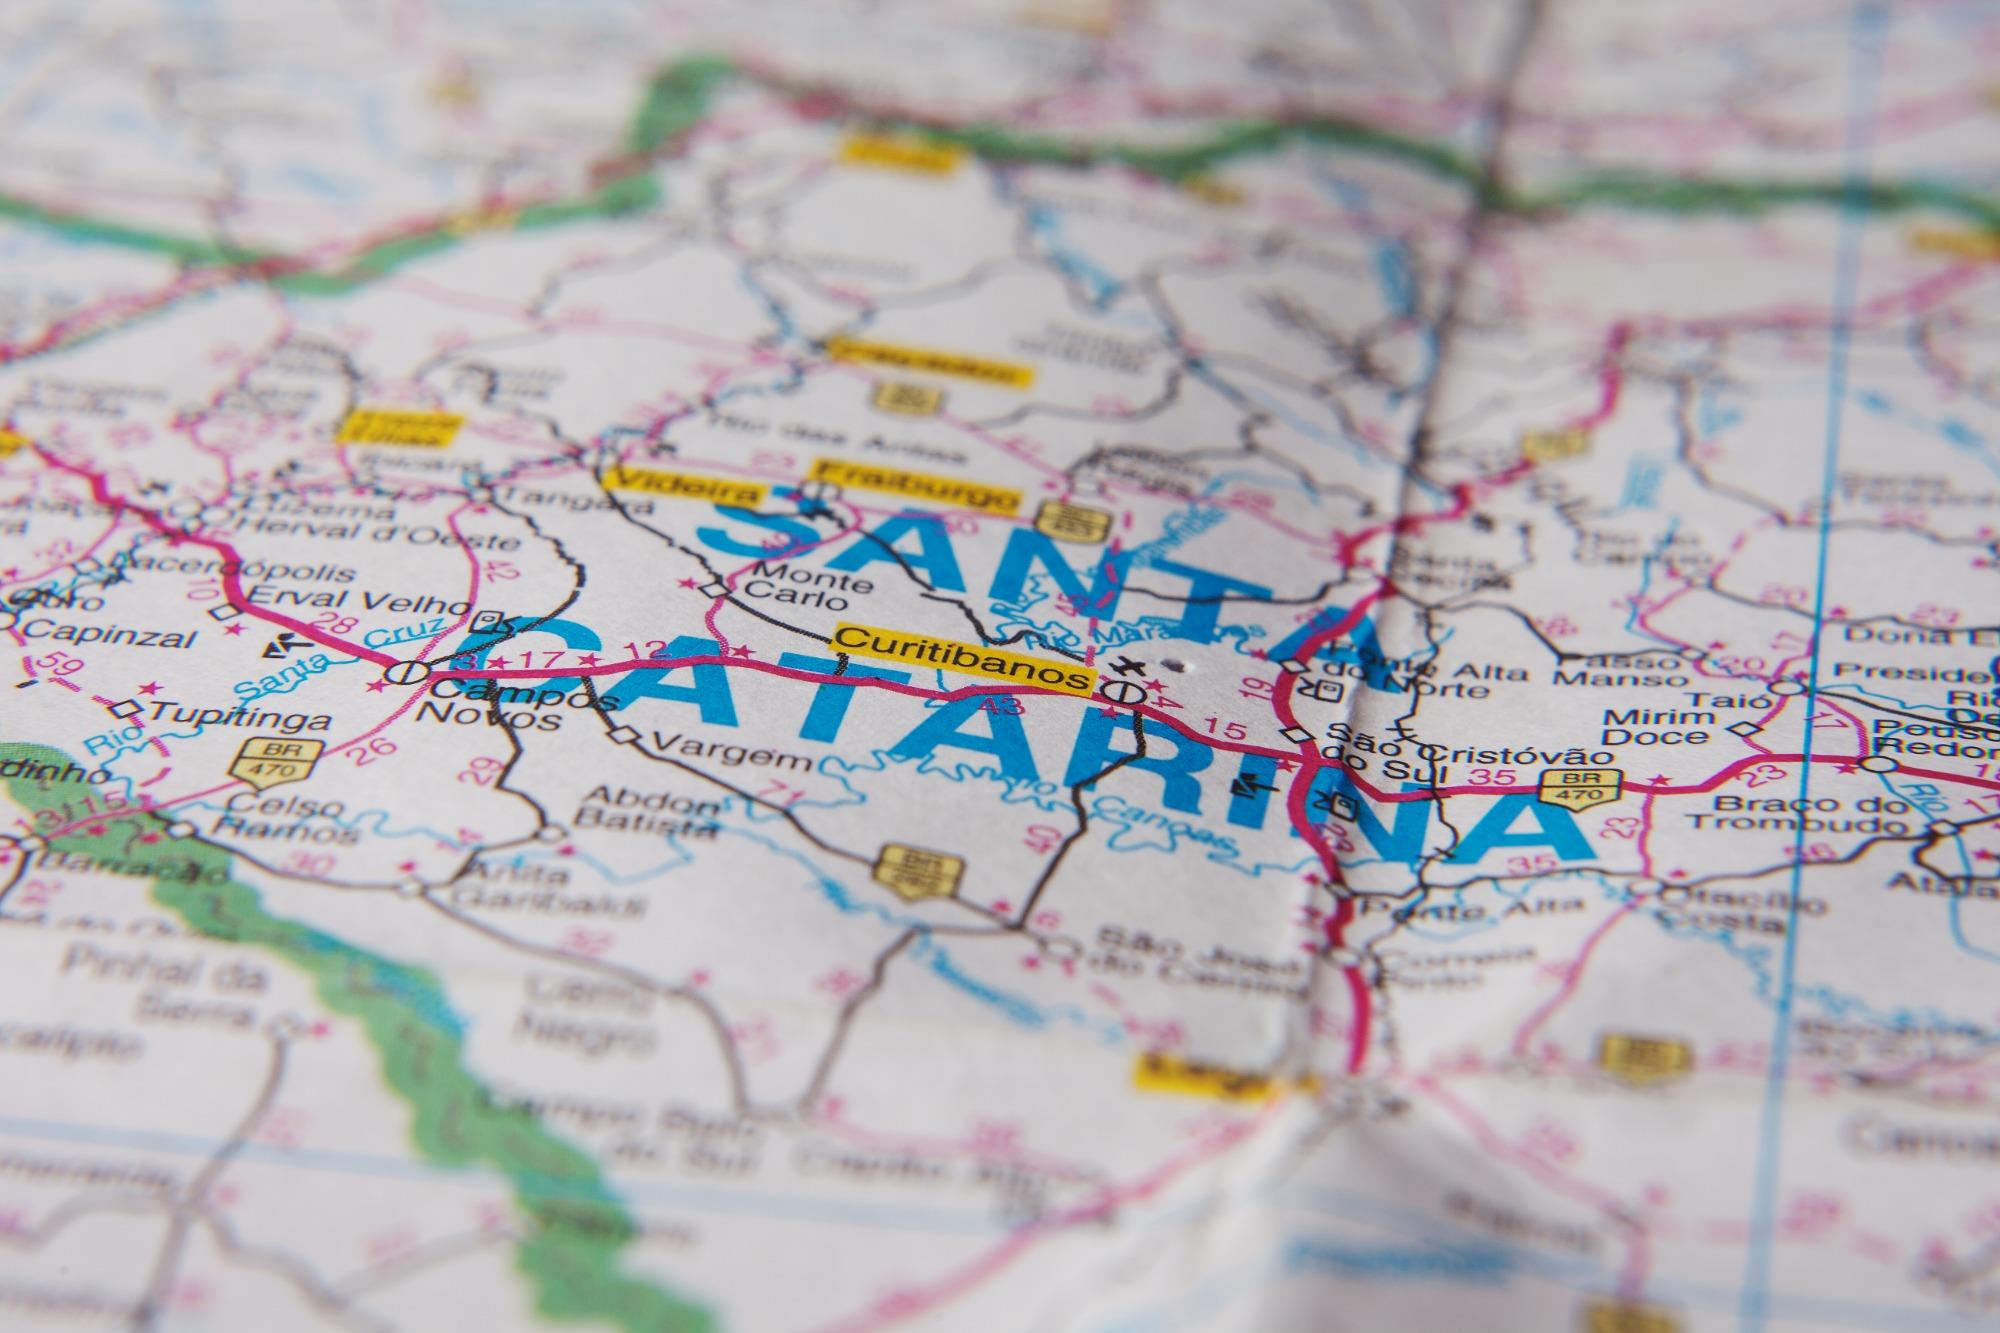 Prioridade para Santa Catarina